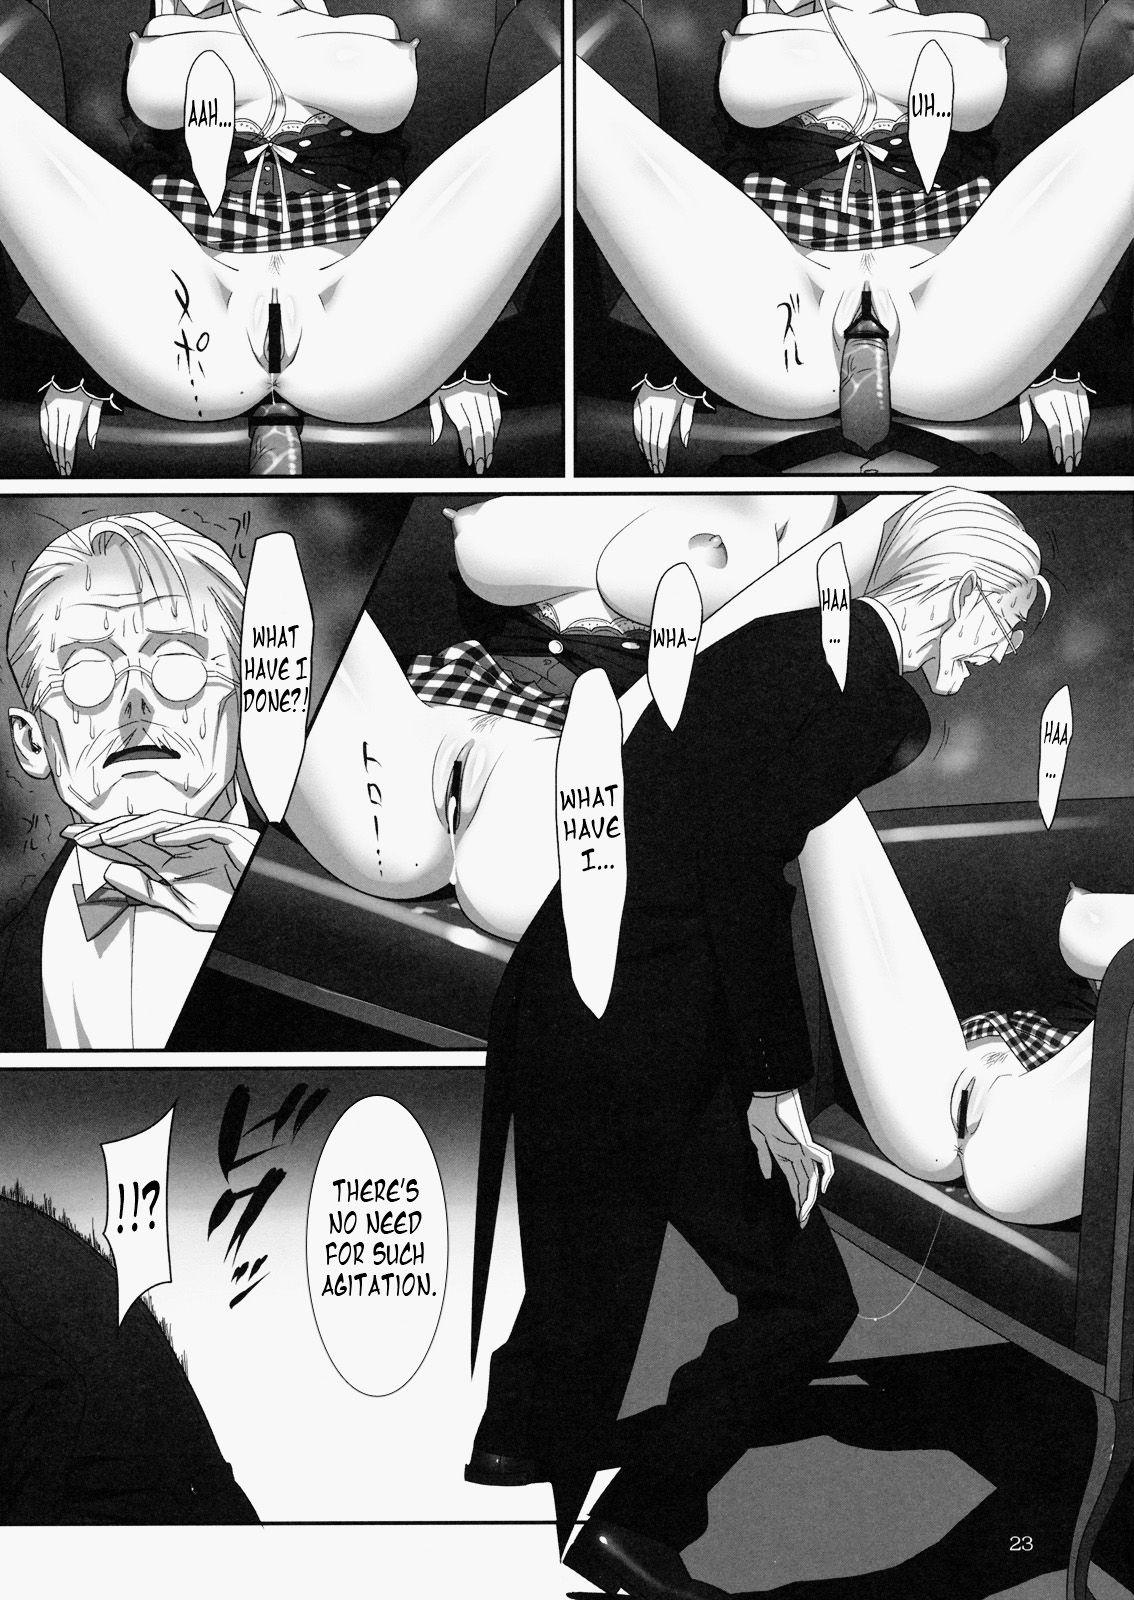 Hito no Hundoshi / Yukiyoshi Mamizu - Сборник хентай манги [Ptcen] [ENG,RUS] Manga Hentai